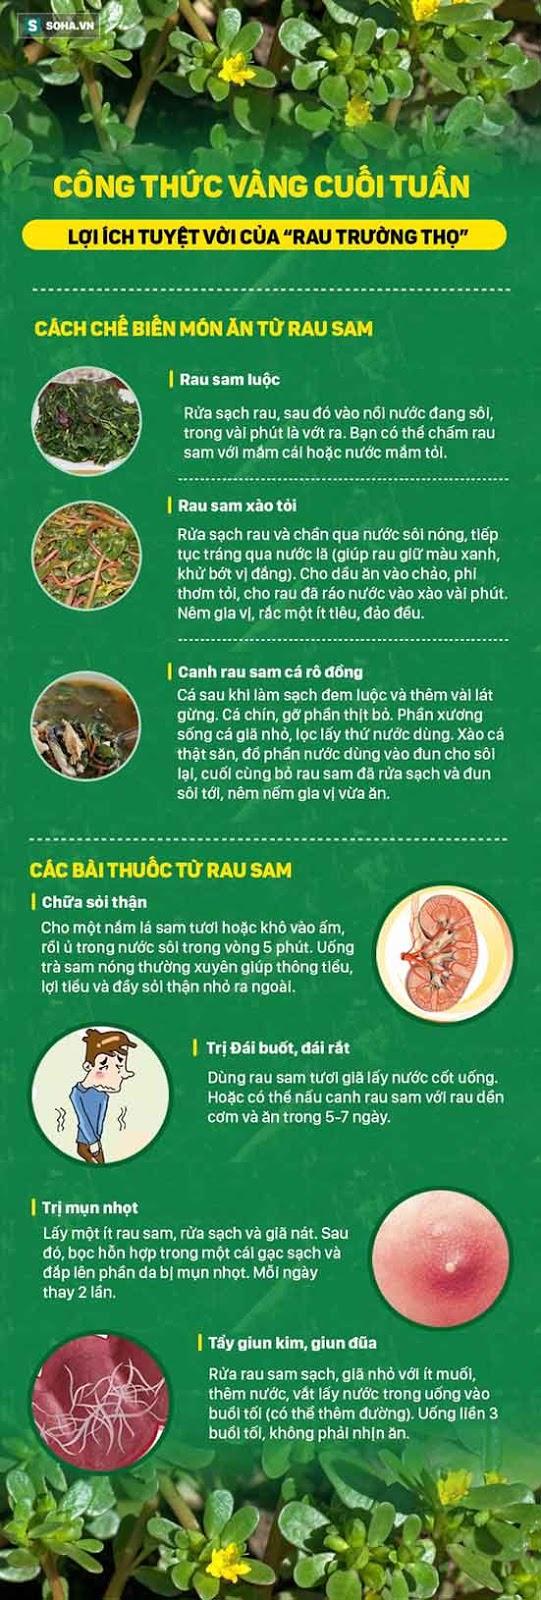 Rau trường thọ - Bạn biết gì về nó thảo dược quý mà người Việt vẫn bỏ phí